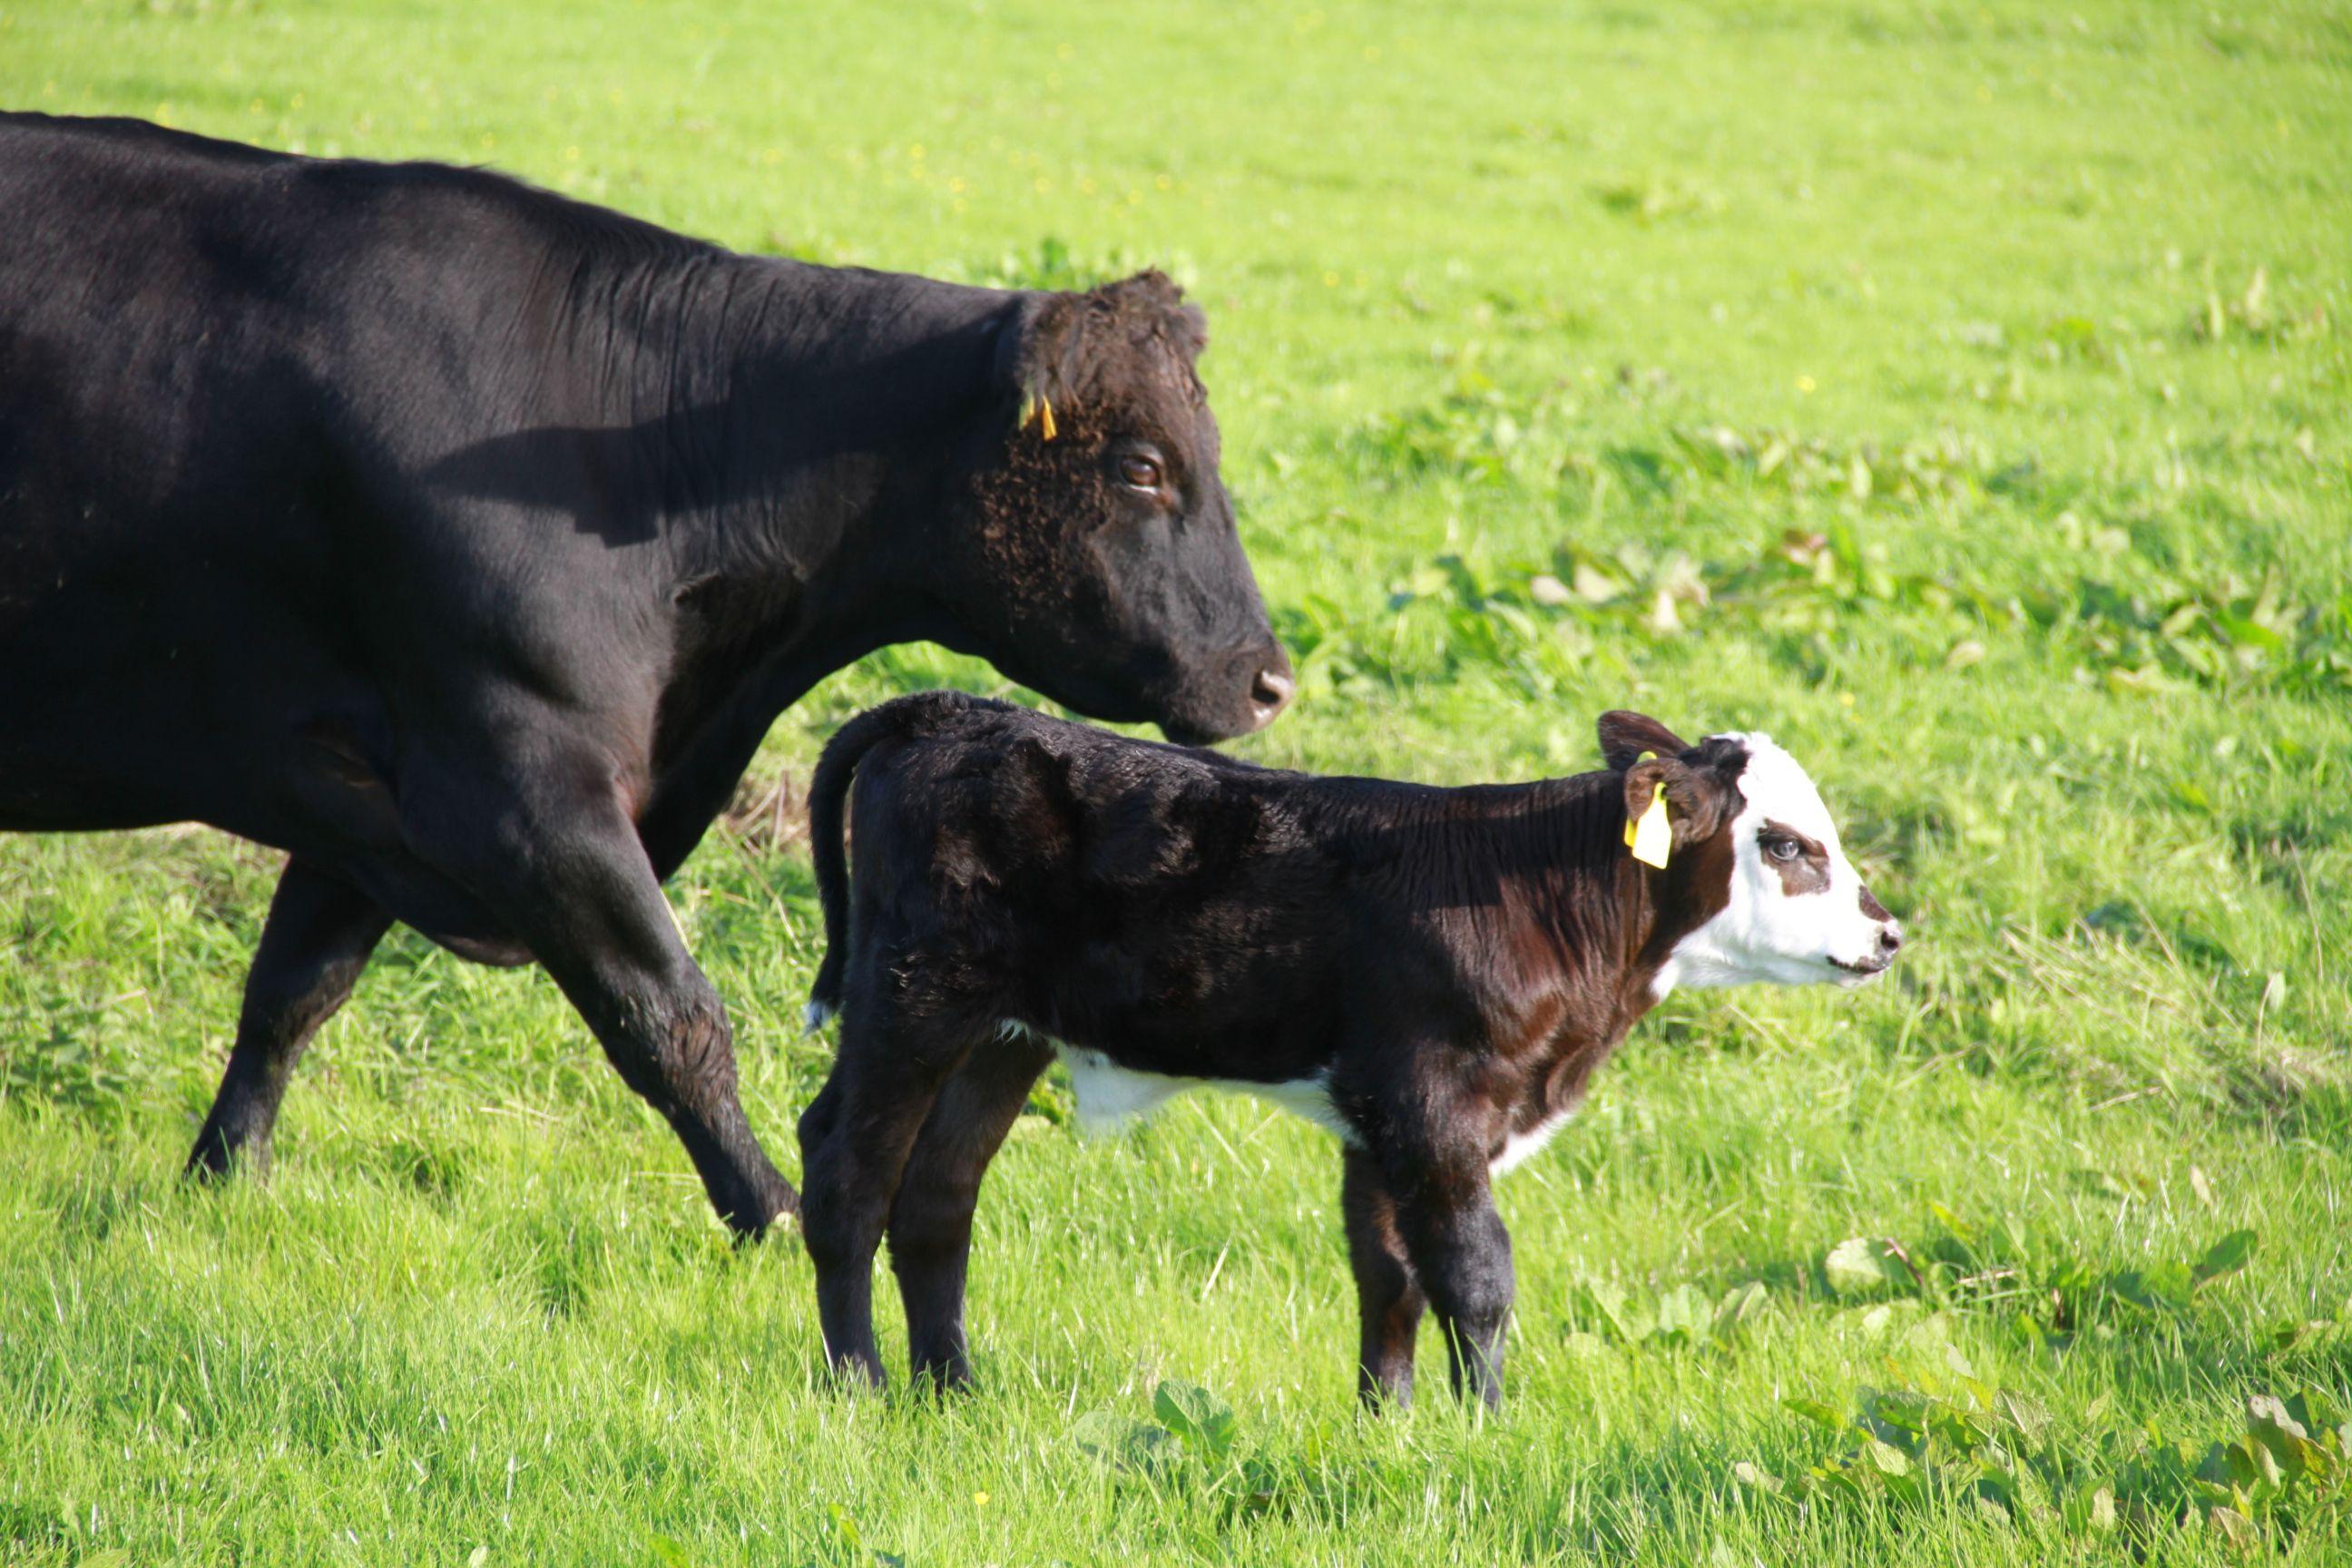 img 3397 jpg 2 592 1 728 pixels paisley cattle pinterest